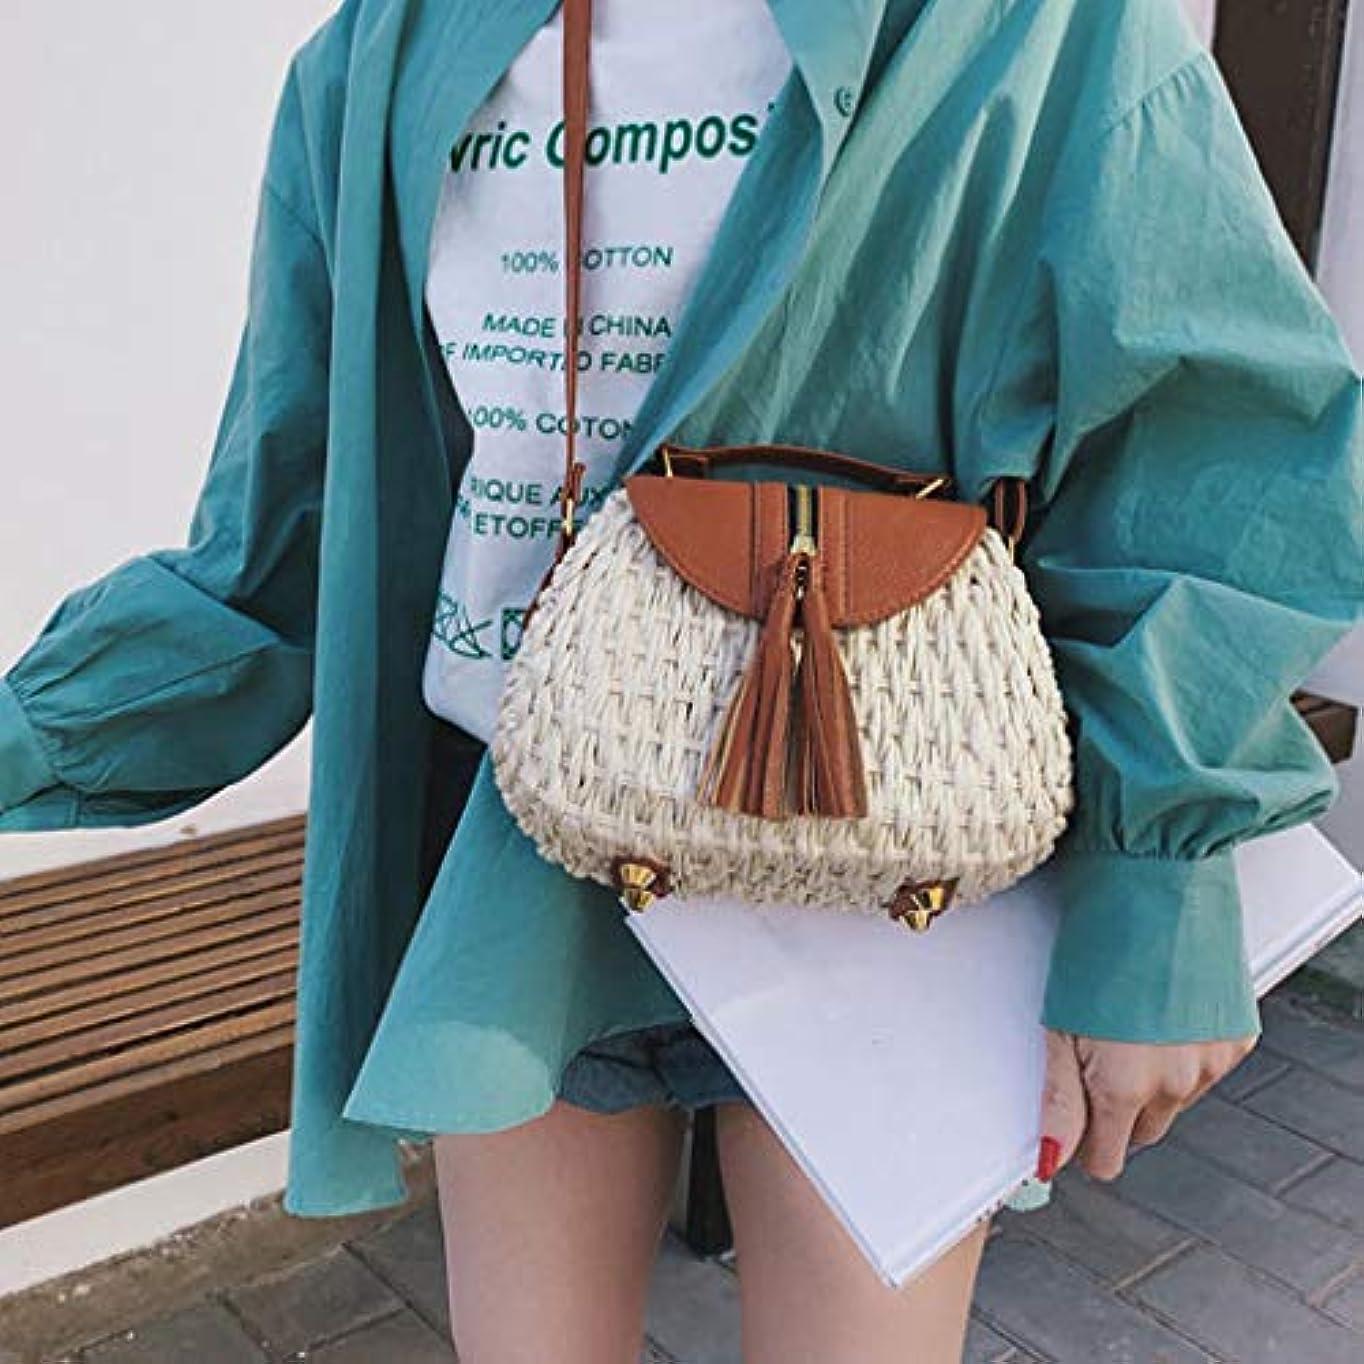 匿名涙姉妹女性の流行のタッセルはショルダー?バッグ、女性浜の余暇のクロスボディ袋を織ります、女性のタッセルは浜様式のメッセンジャー袋を織ります、女性方法対照色のビーチ様式のメッセンジャー袋 (ベージュ)